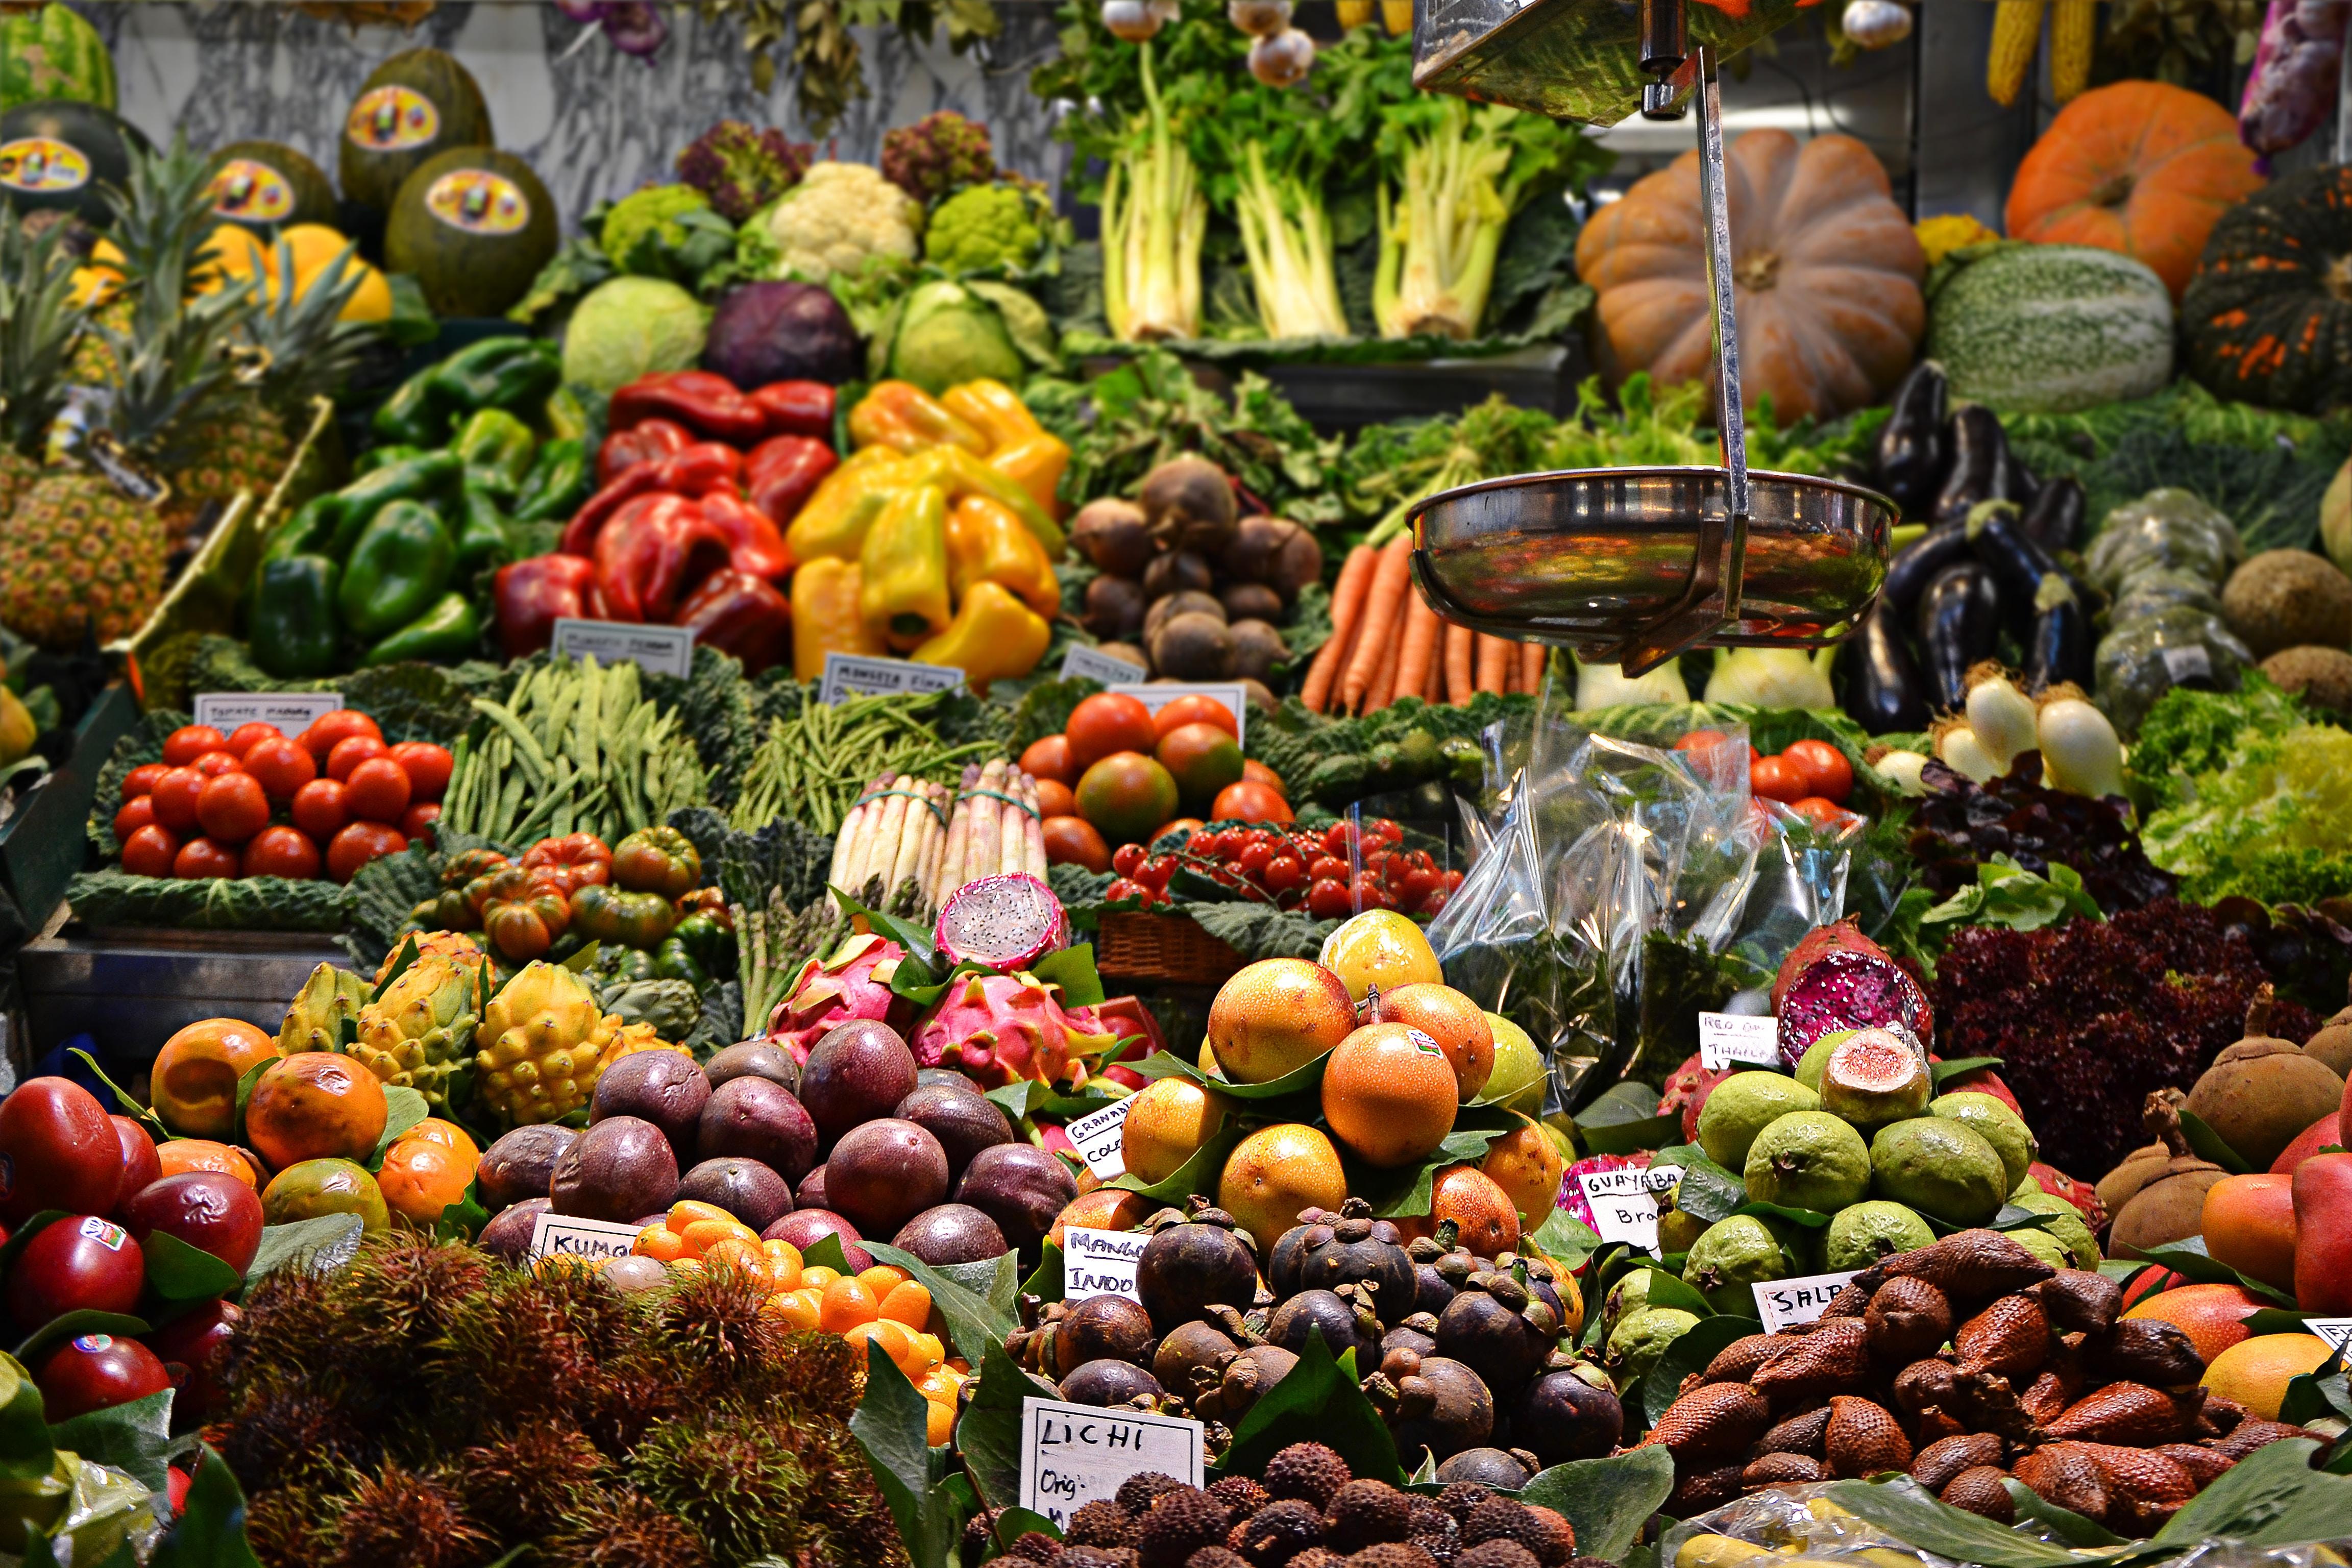 mercado frutas - nuevas entrevistas